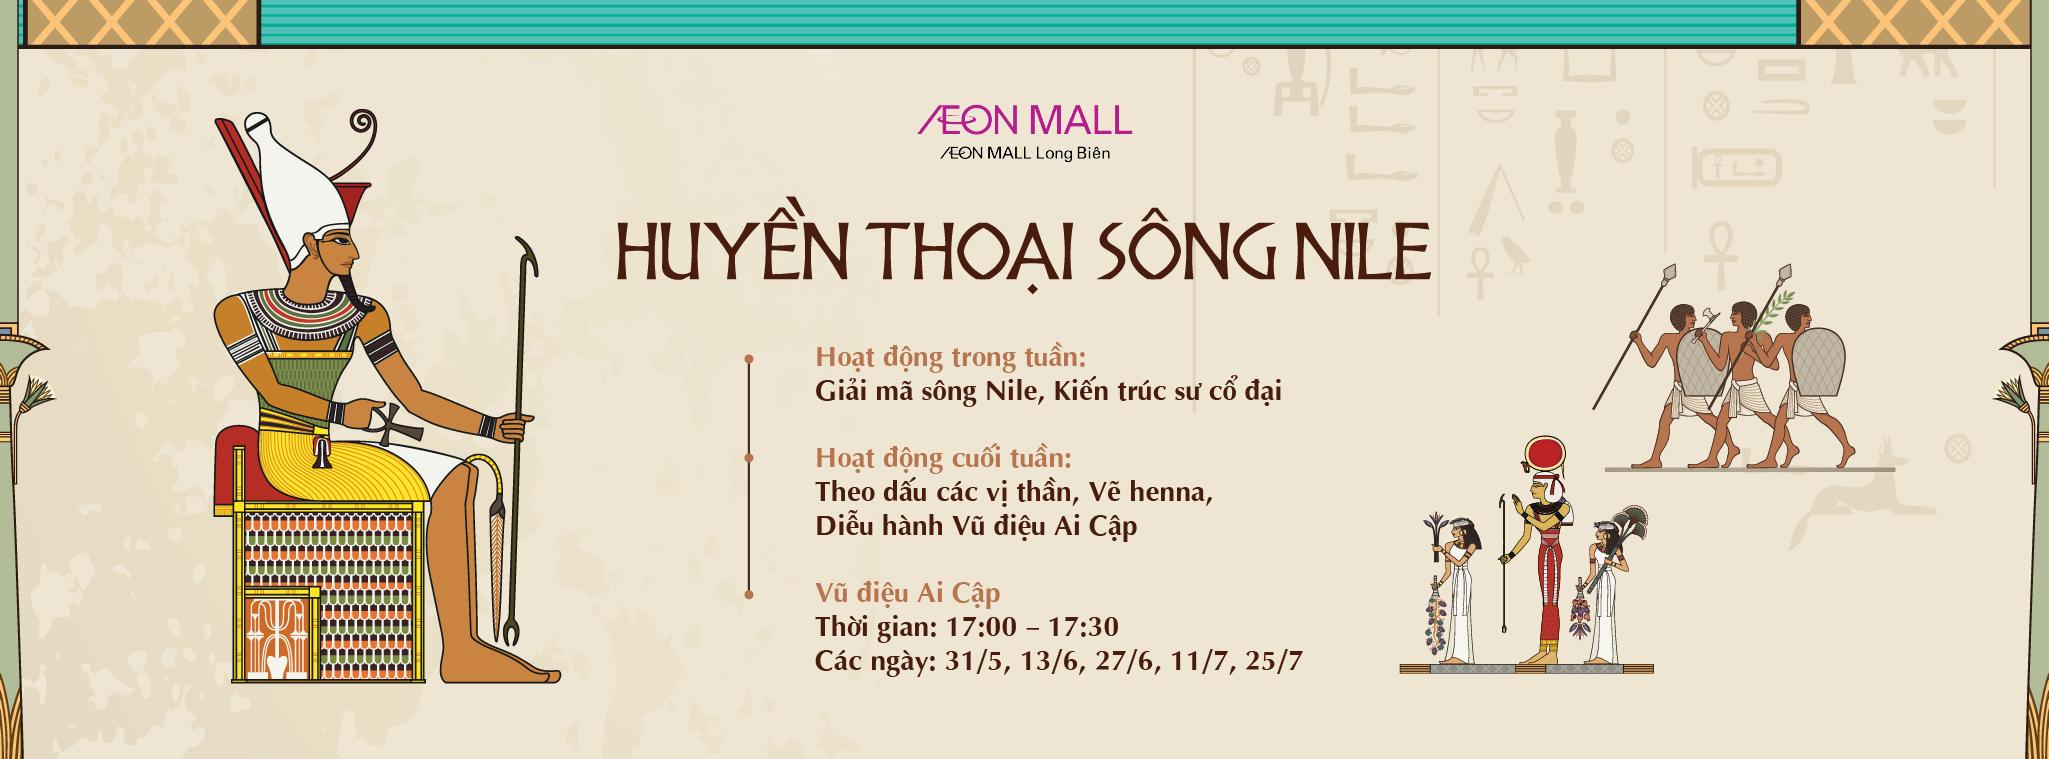 Gợi ý địa điểm vui chơi giải trí tuần này ở Hà Nội (8/6-14/6): Rạp chiếu phim tung nhiều ưu đãi - Ảnh 2.